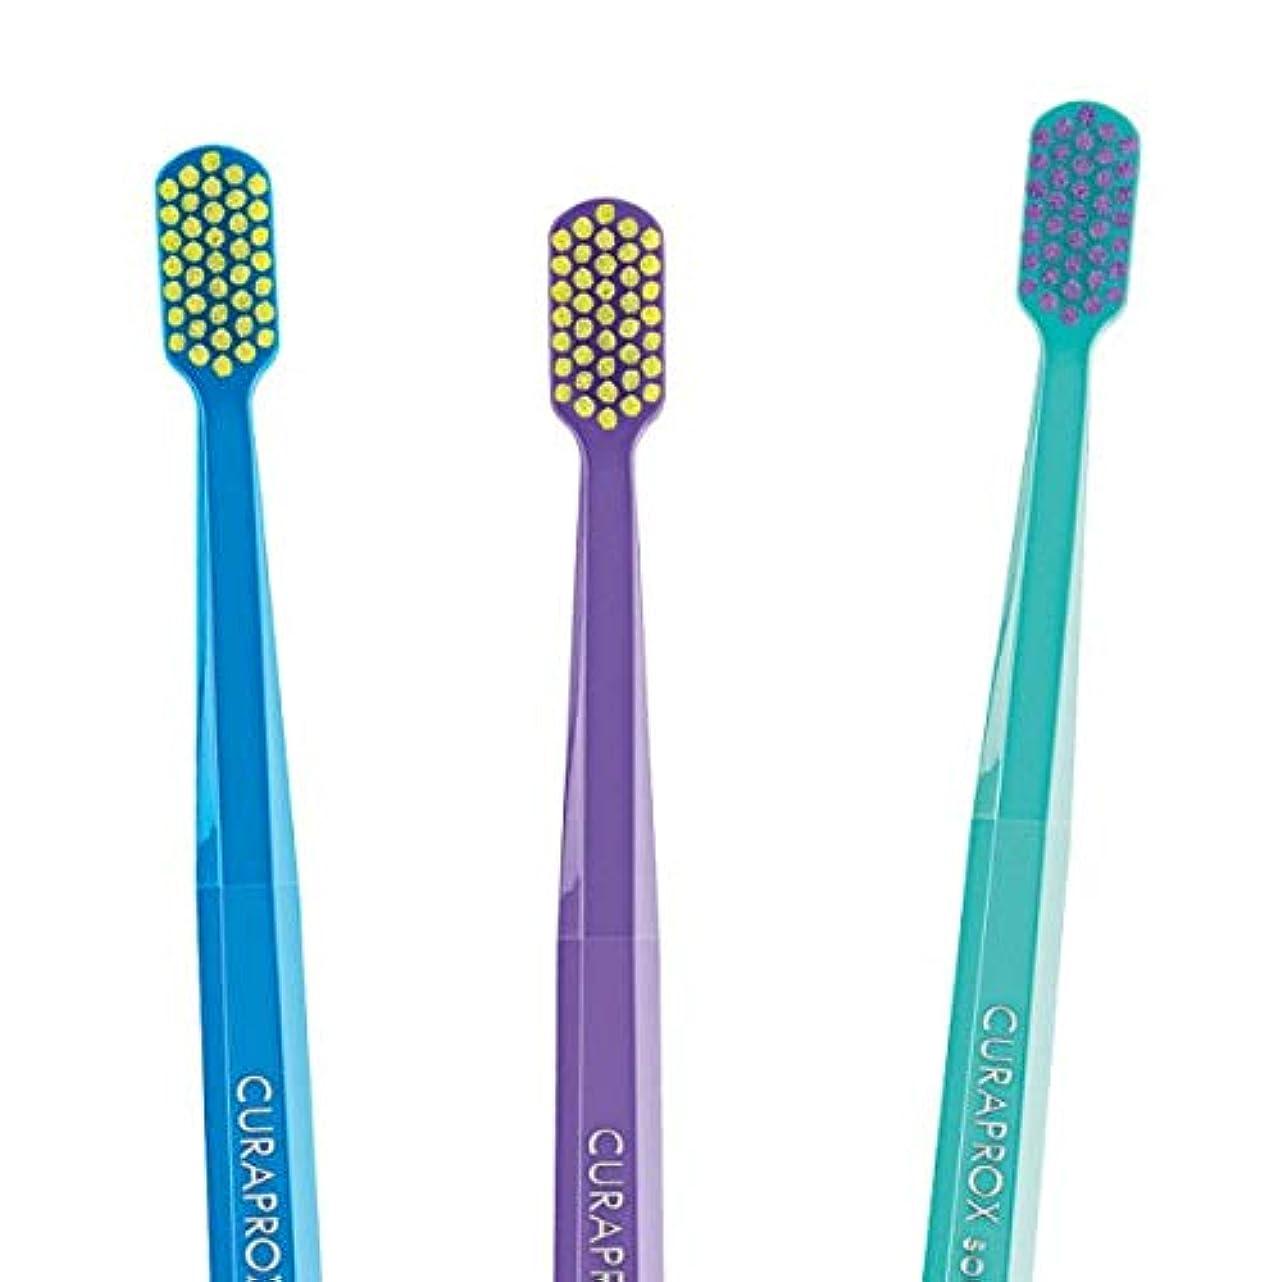 不完全ビジター全員クラプロックス 歯ブラシ CS1560 ソフト